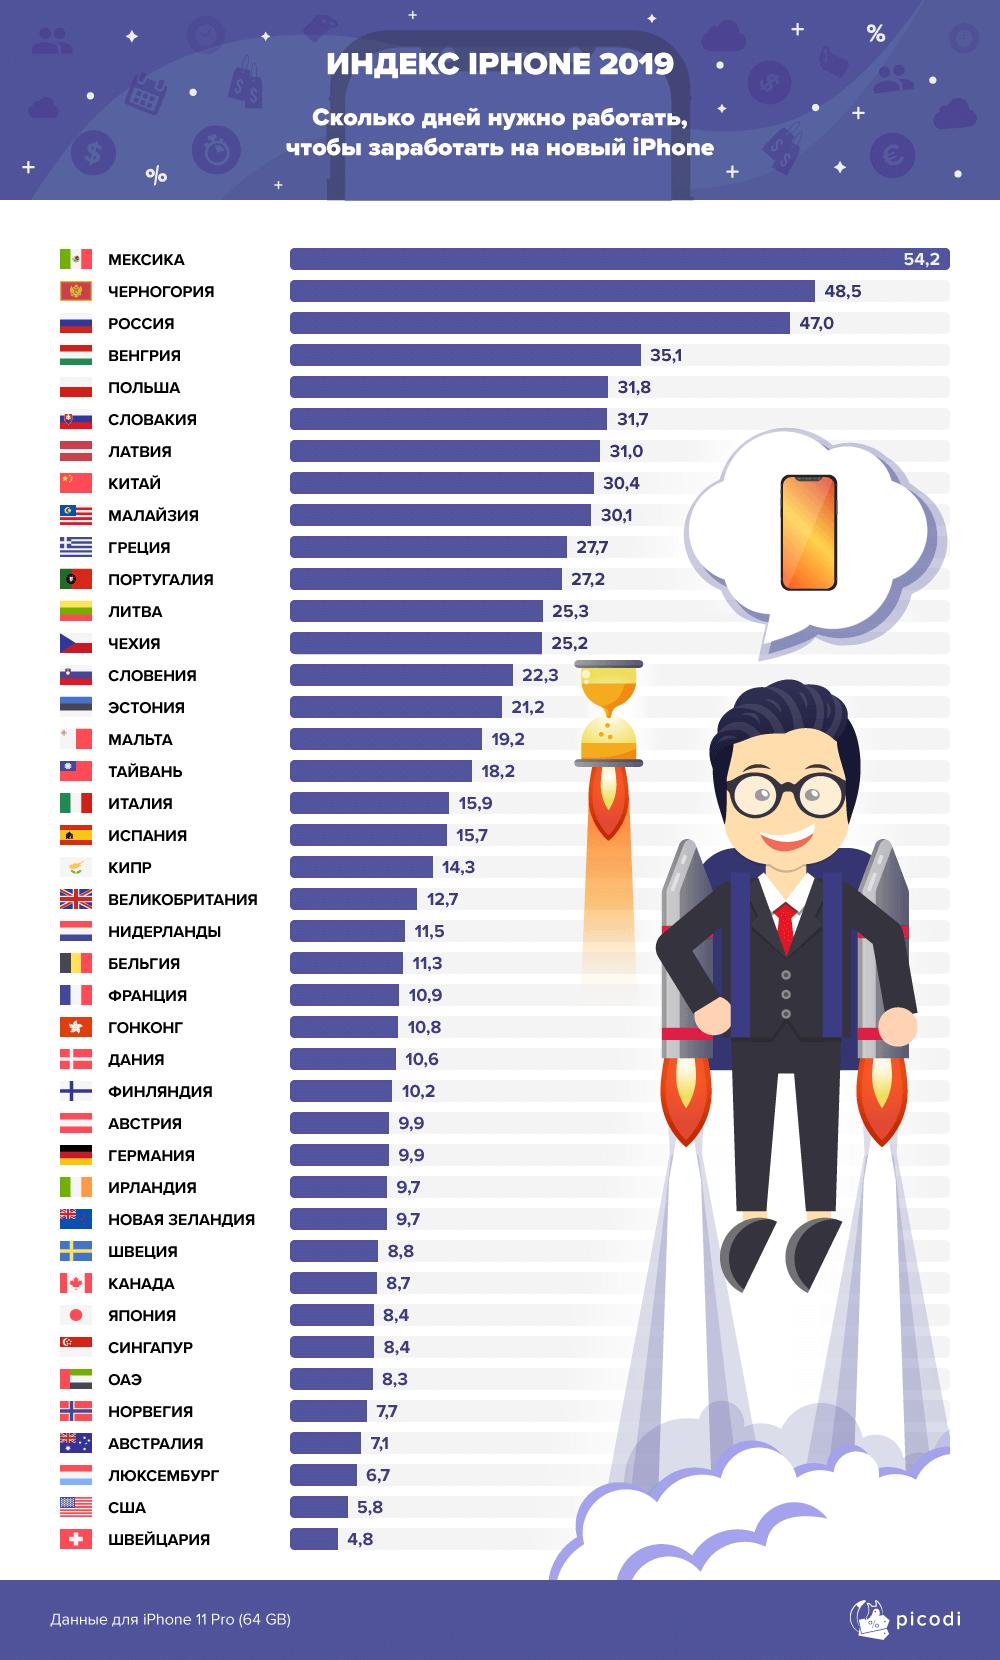 Индекс iPhone 2019: сколько нужно работать вразных странах, чтобы купить новый iPhone   SE7EN.ws - Изображение 1